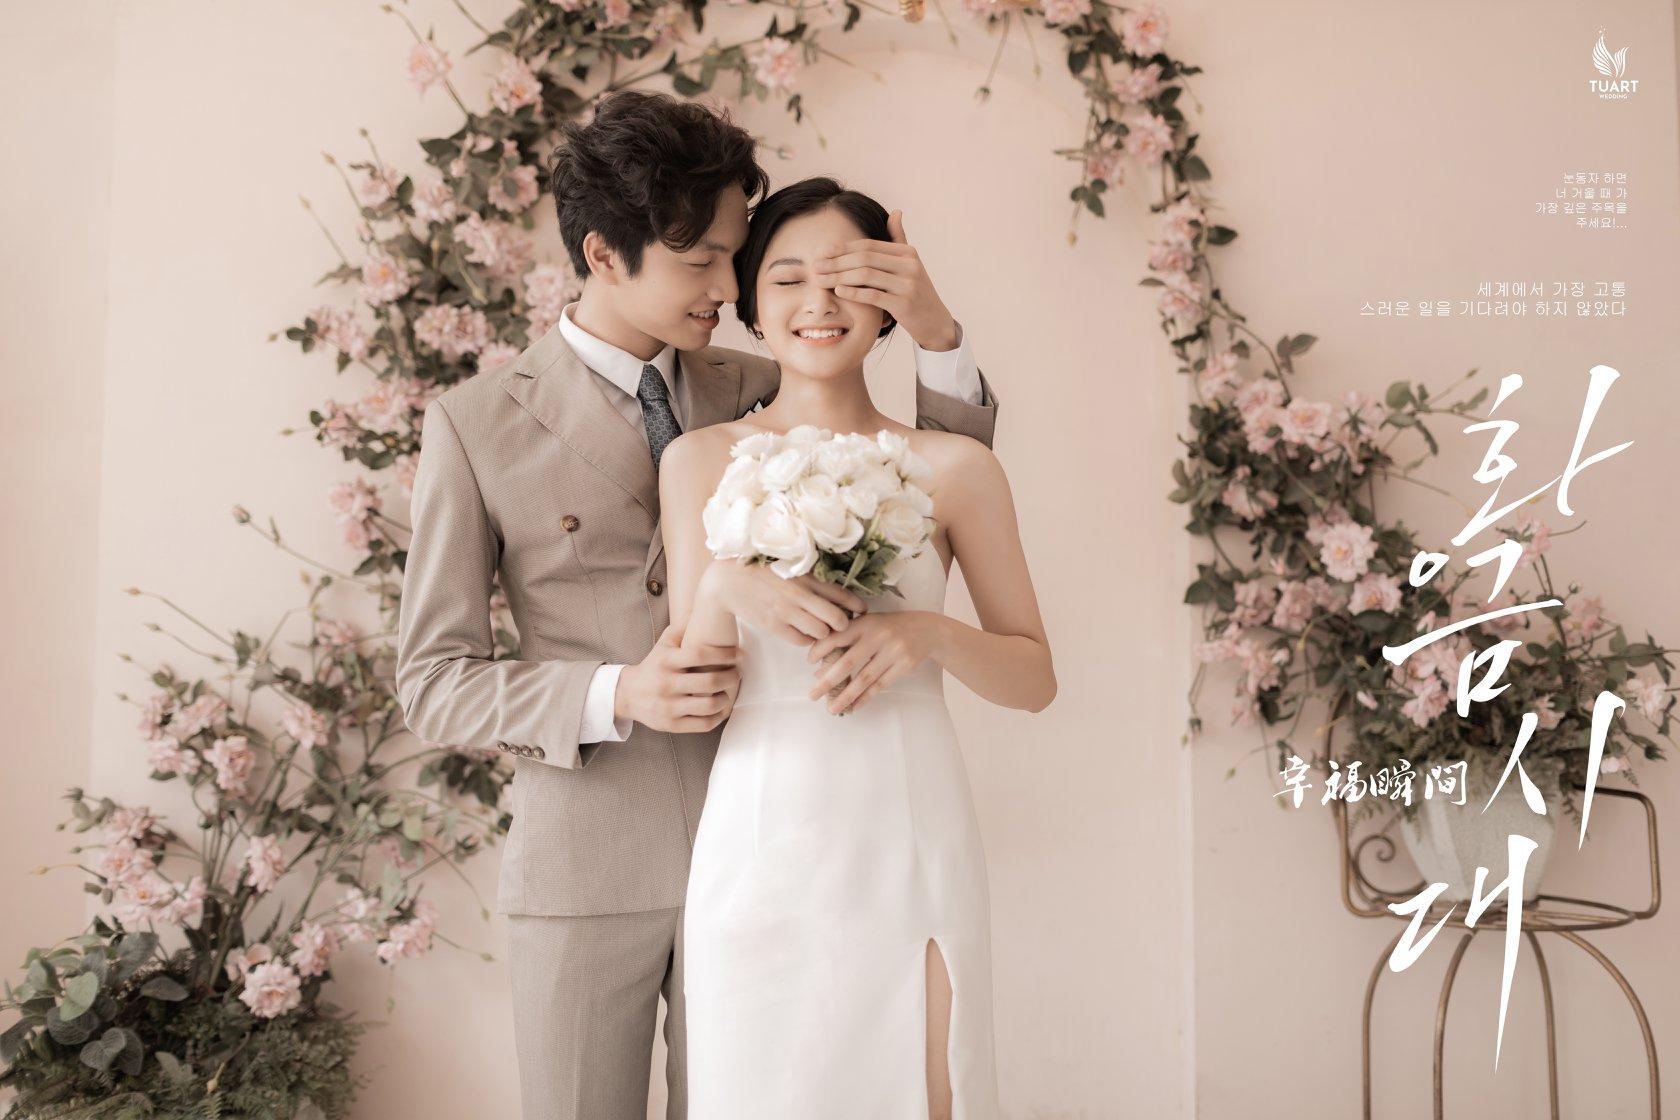 Top 5 Studio chụp ảnh cưới đẹp nhất Tiền Giang 2020 – 2021